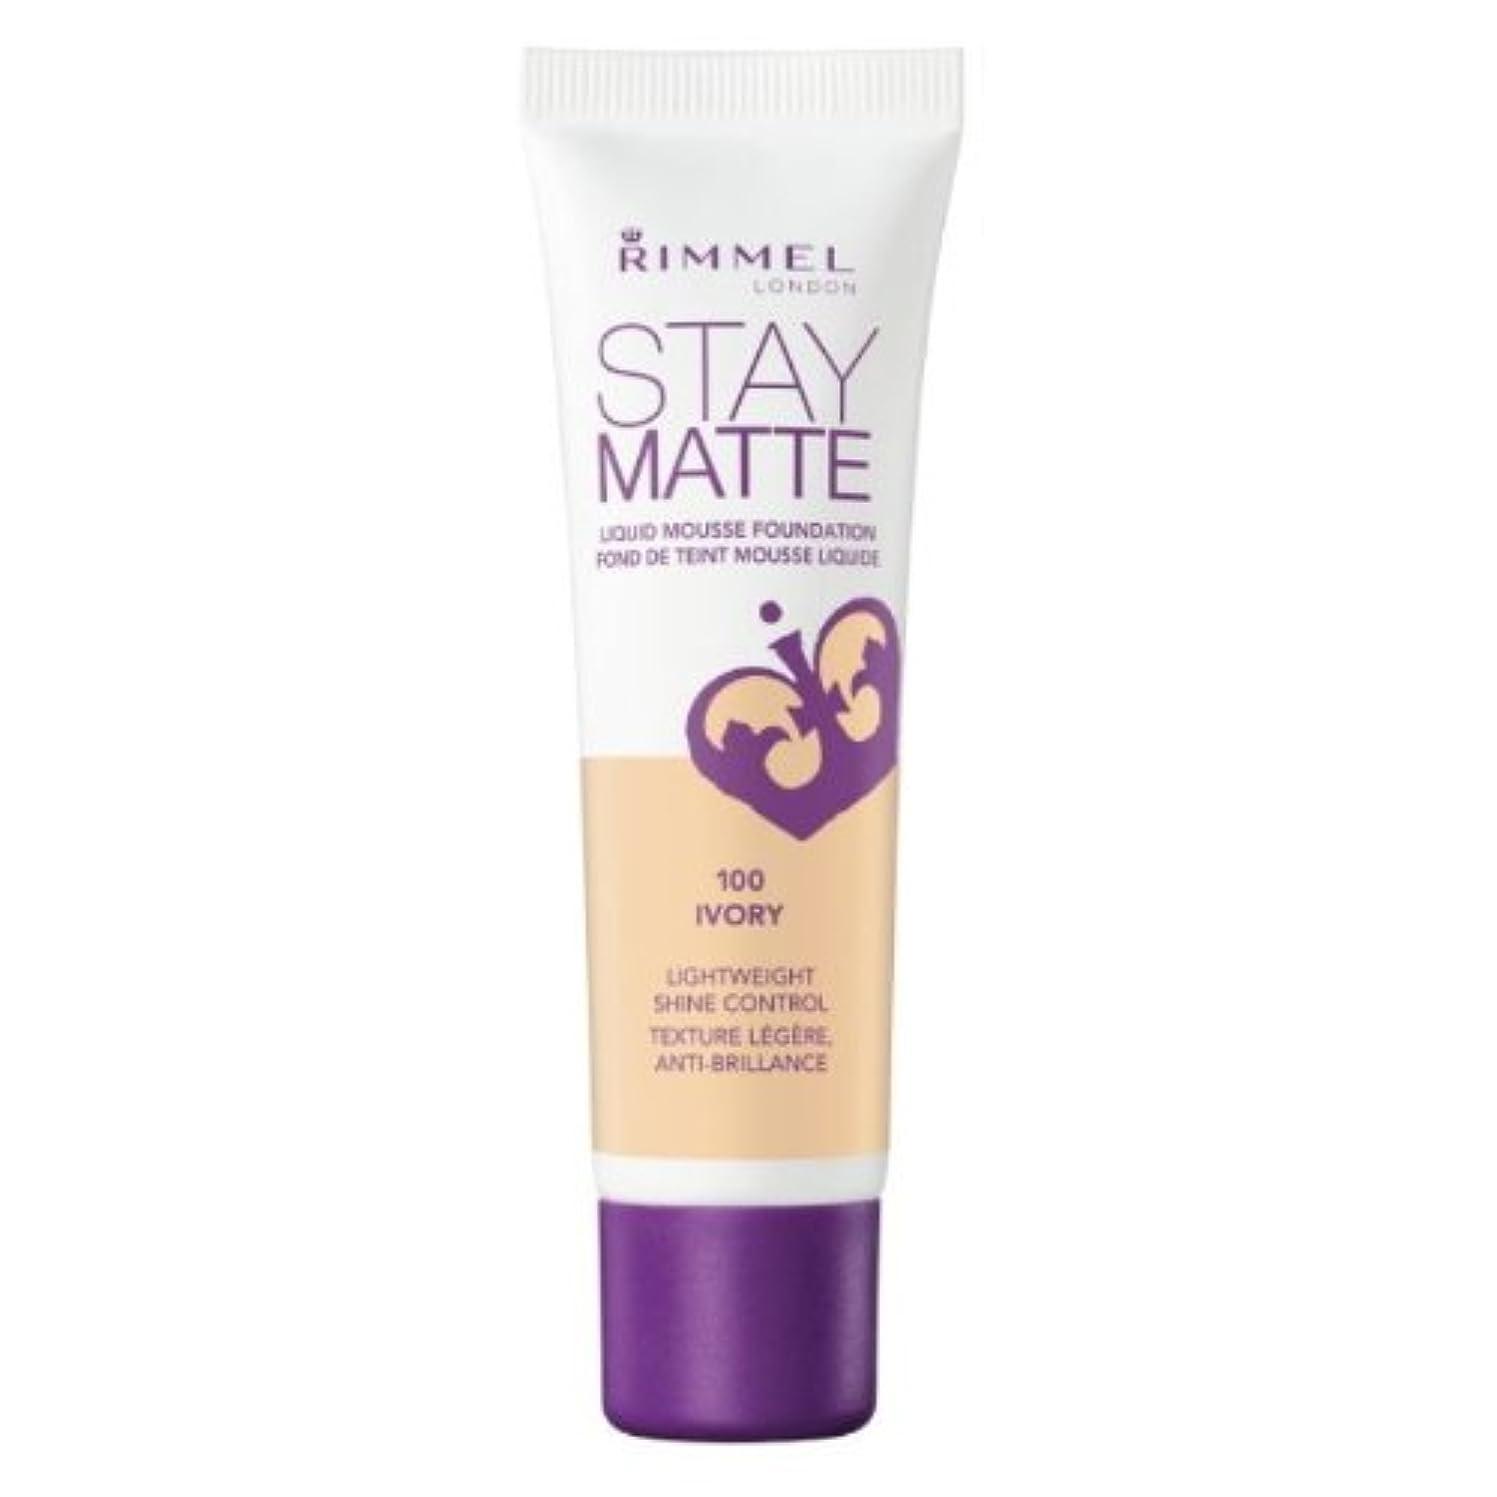 引き金電信先住民RIMMEL LONDON Stay Matte Liquid Mousse Foundation - Ivory (並行輸入品)